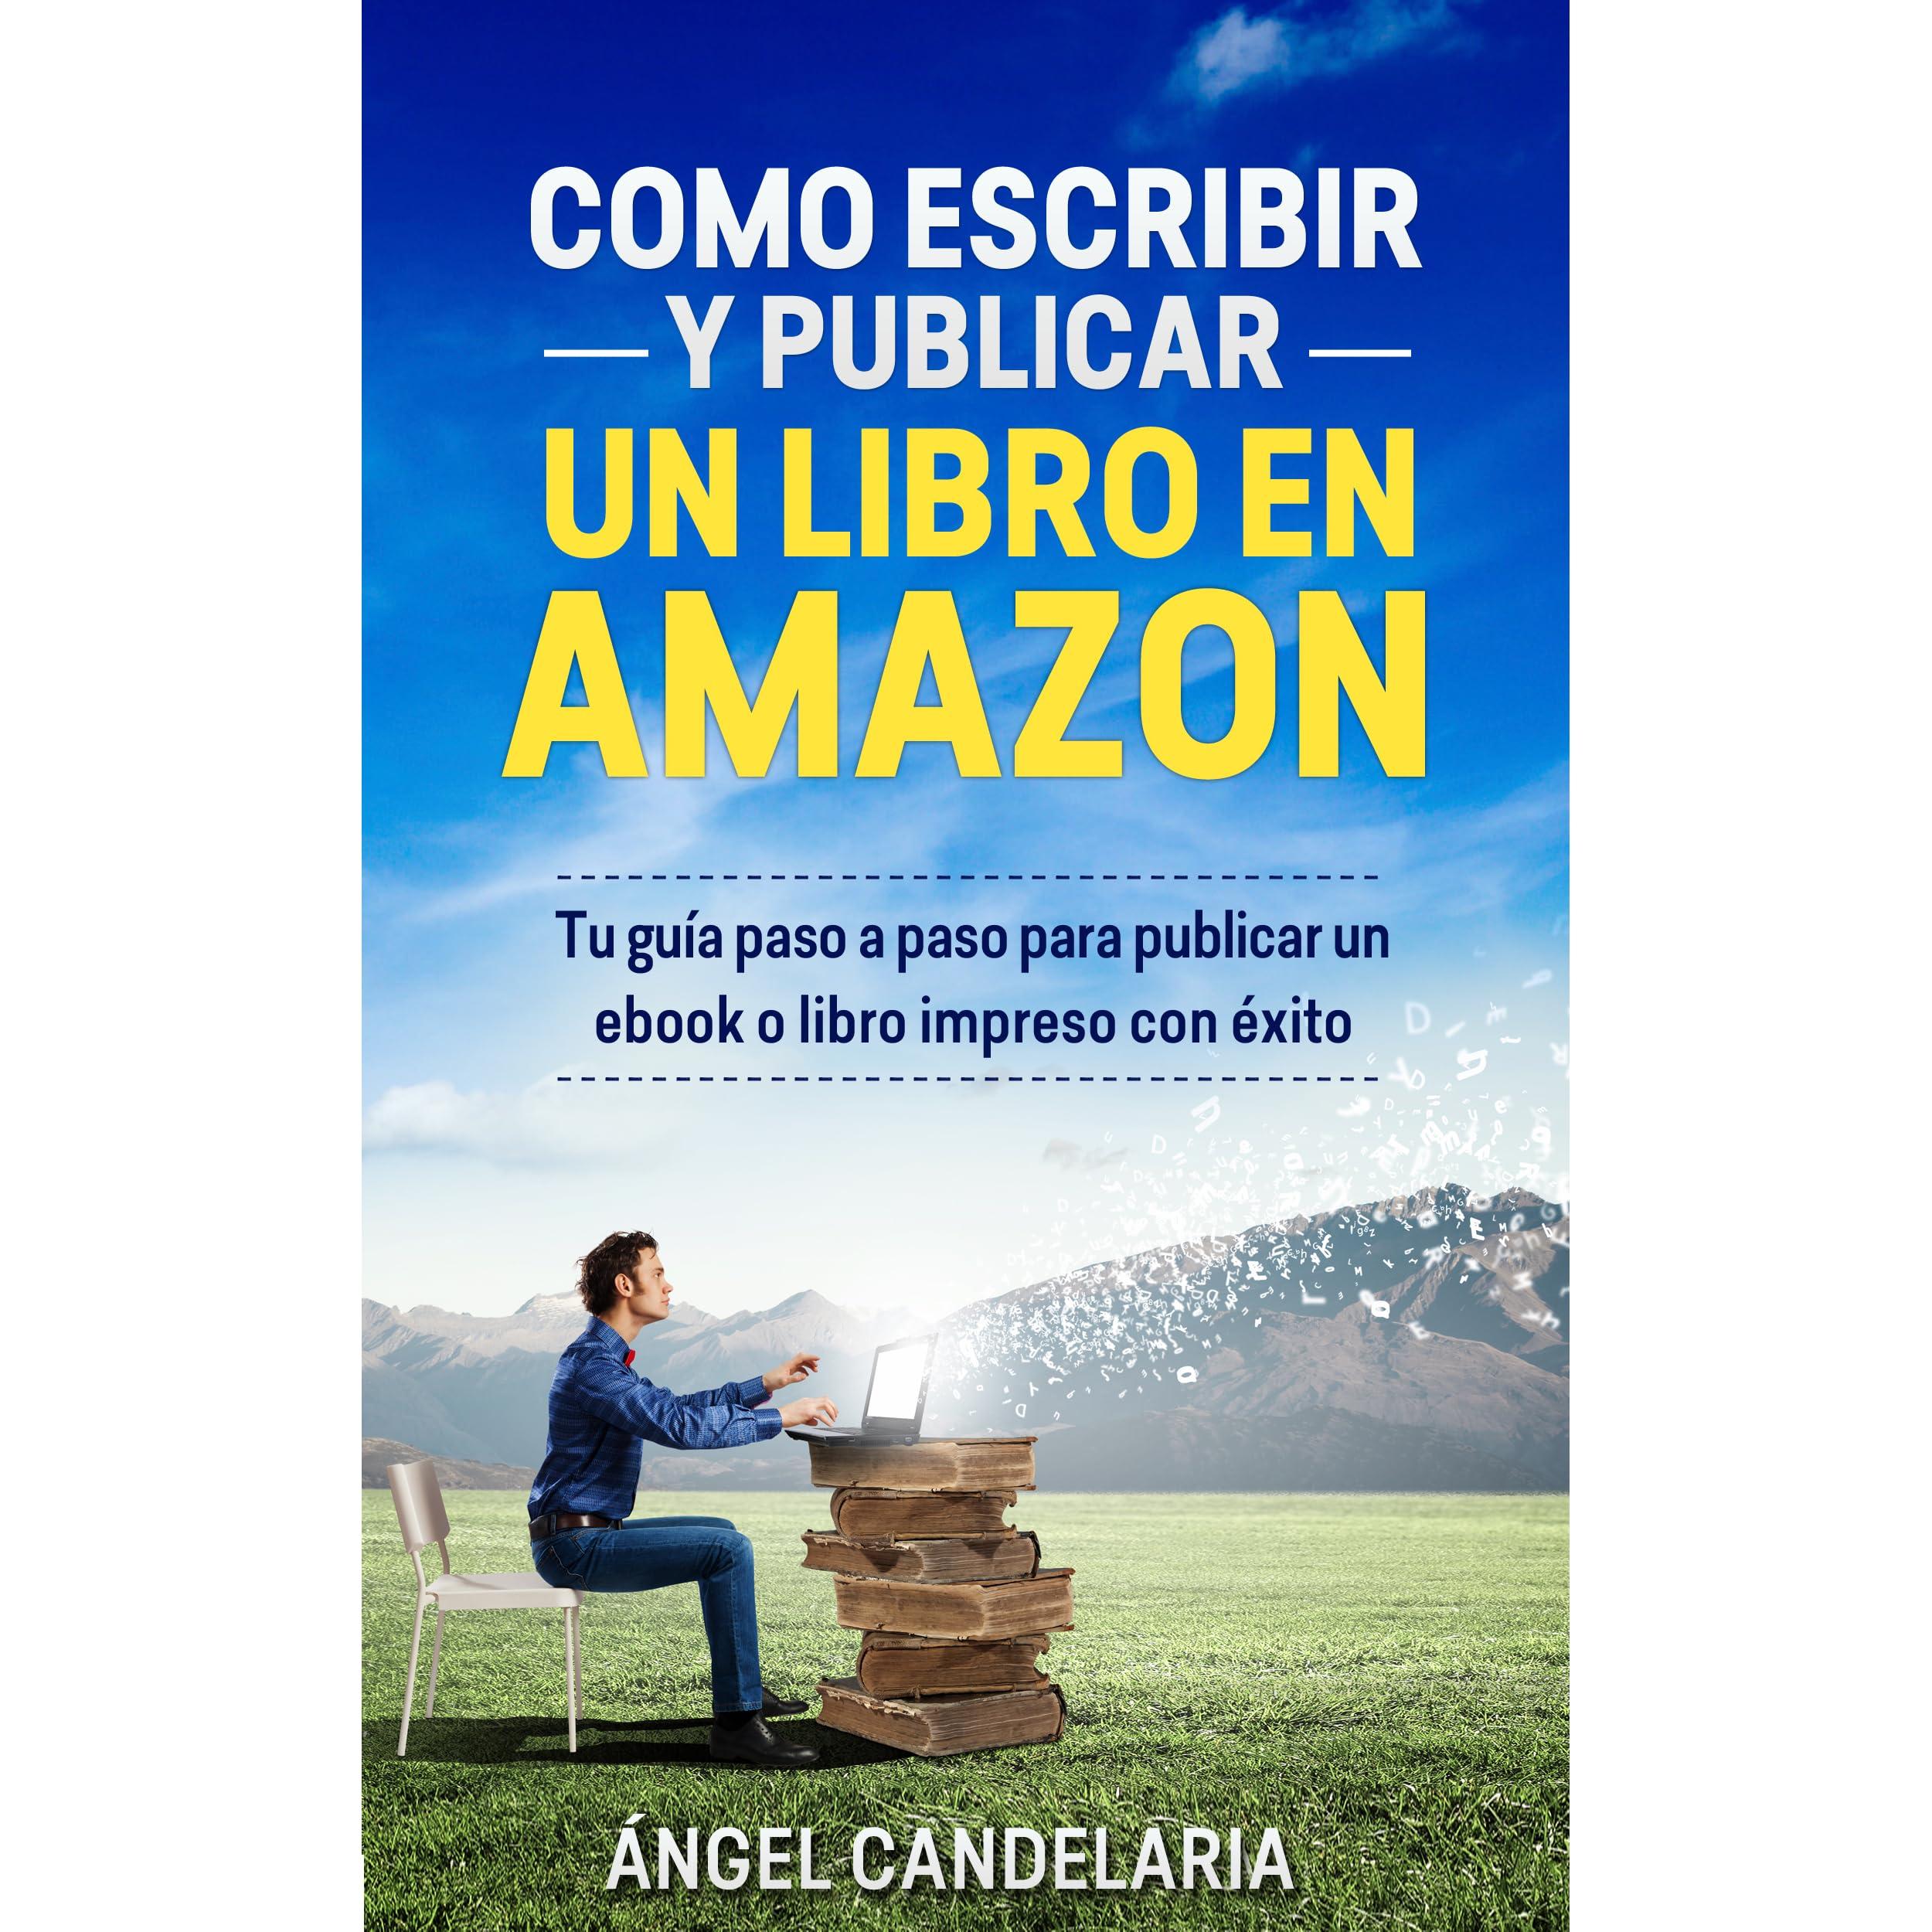 c20f83d59 Cómo Escribir y Publicar un Libro en Amazon by Ángel Candelaria